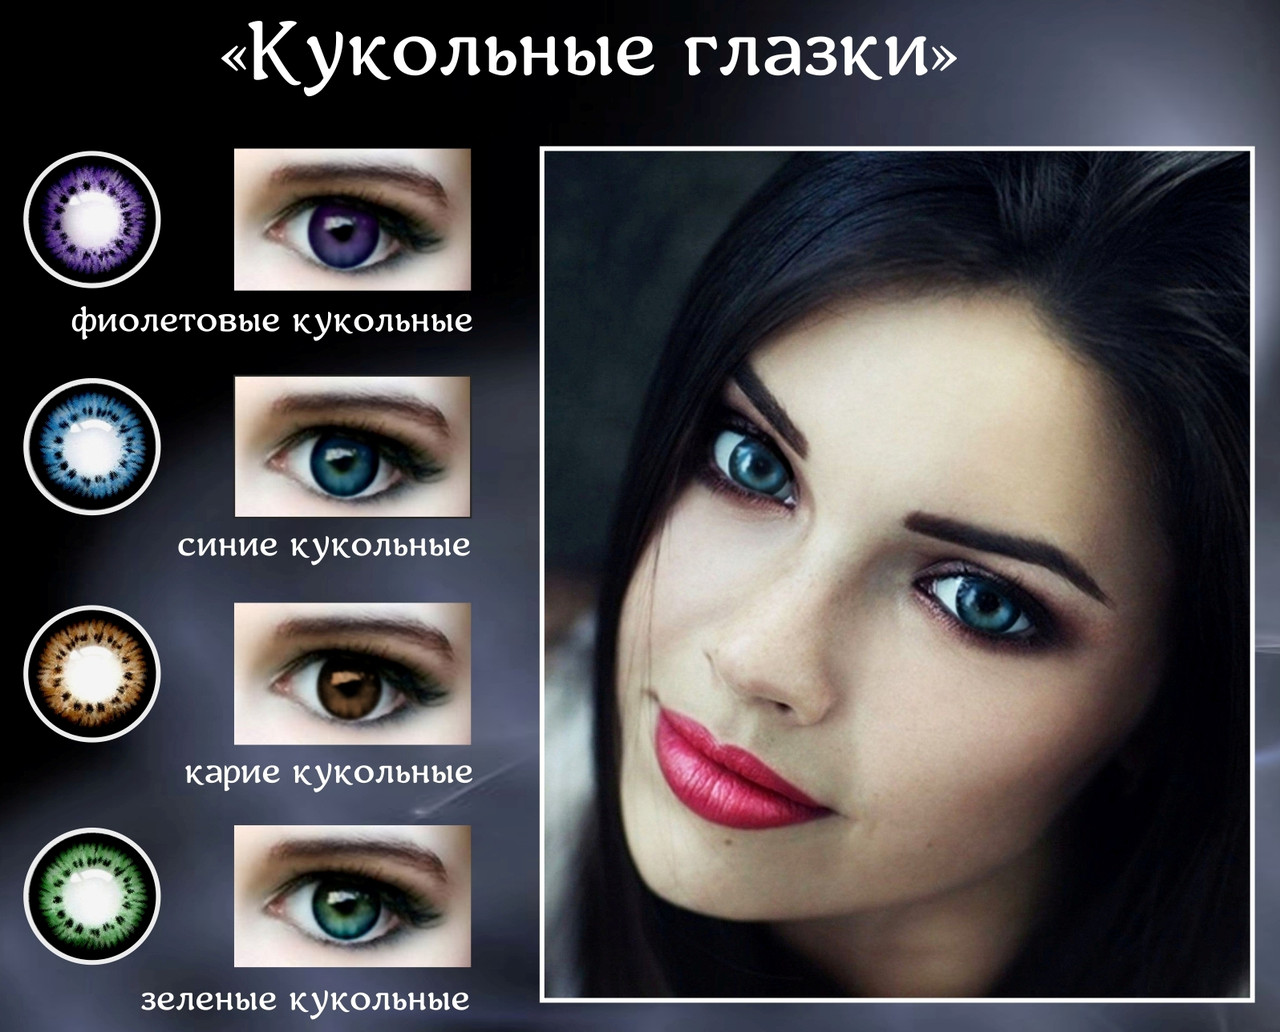 Как выглядят голубые линзы на карих глазах